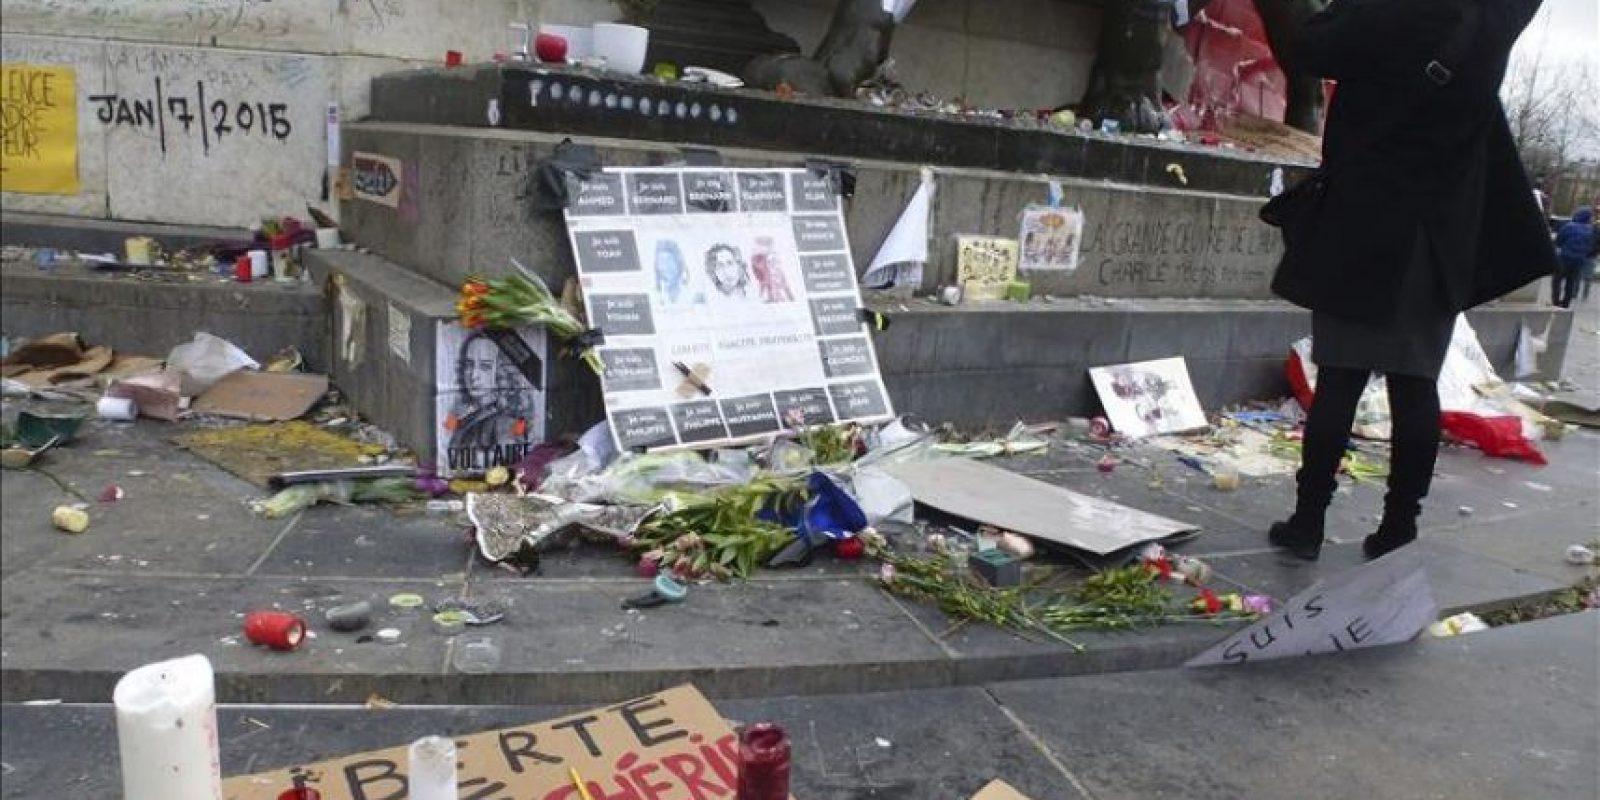 Vista del retrato de Voltaire con una banda negra en señal de luto, junto un cartel con los nombres de las 17 víctimas de los atentados que la semana pasada conmocionaron Francia, hoy en la Plaza de la República de París. EFE